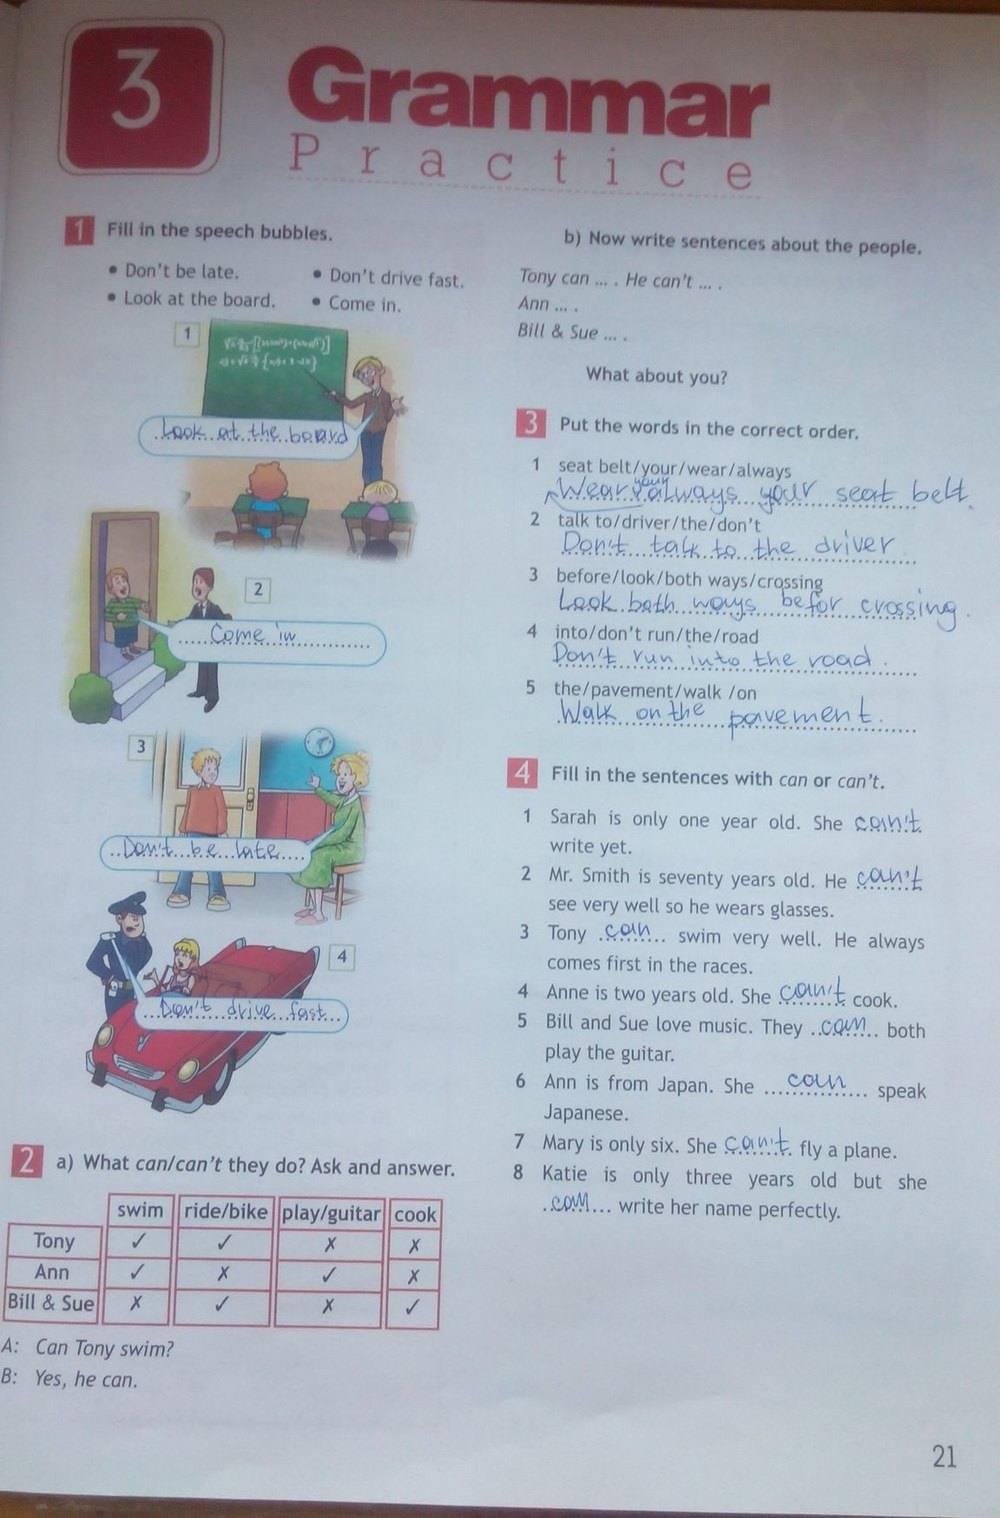 дули 6 рабочей тетради решебник класс ваулина по языку английскому